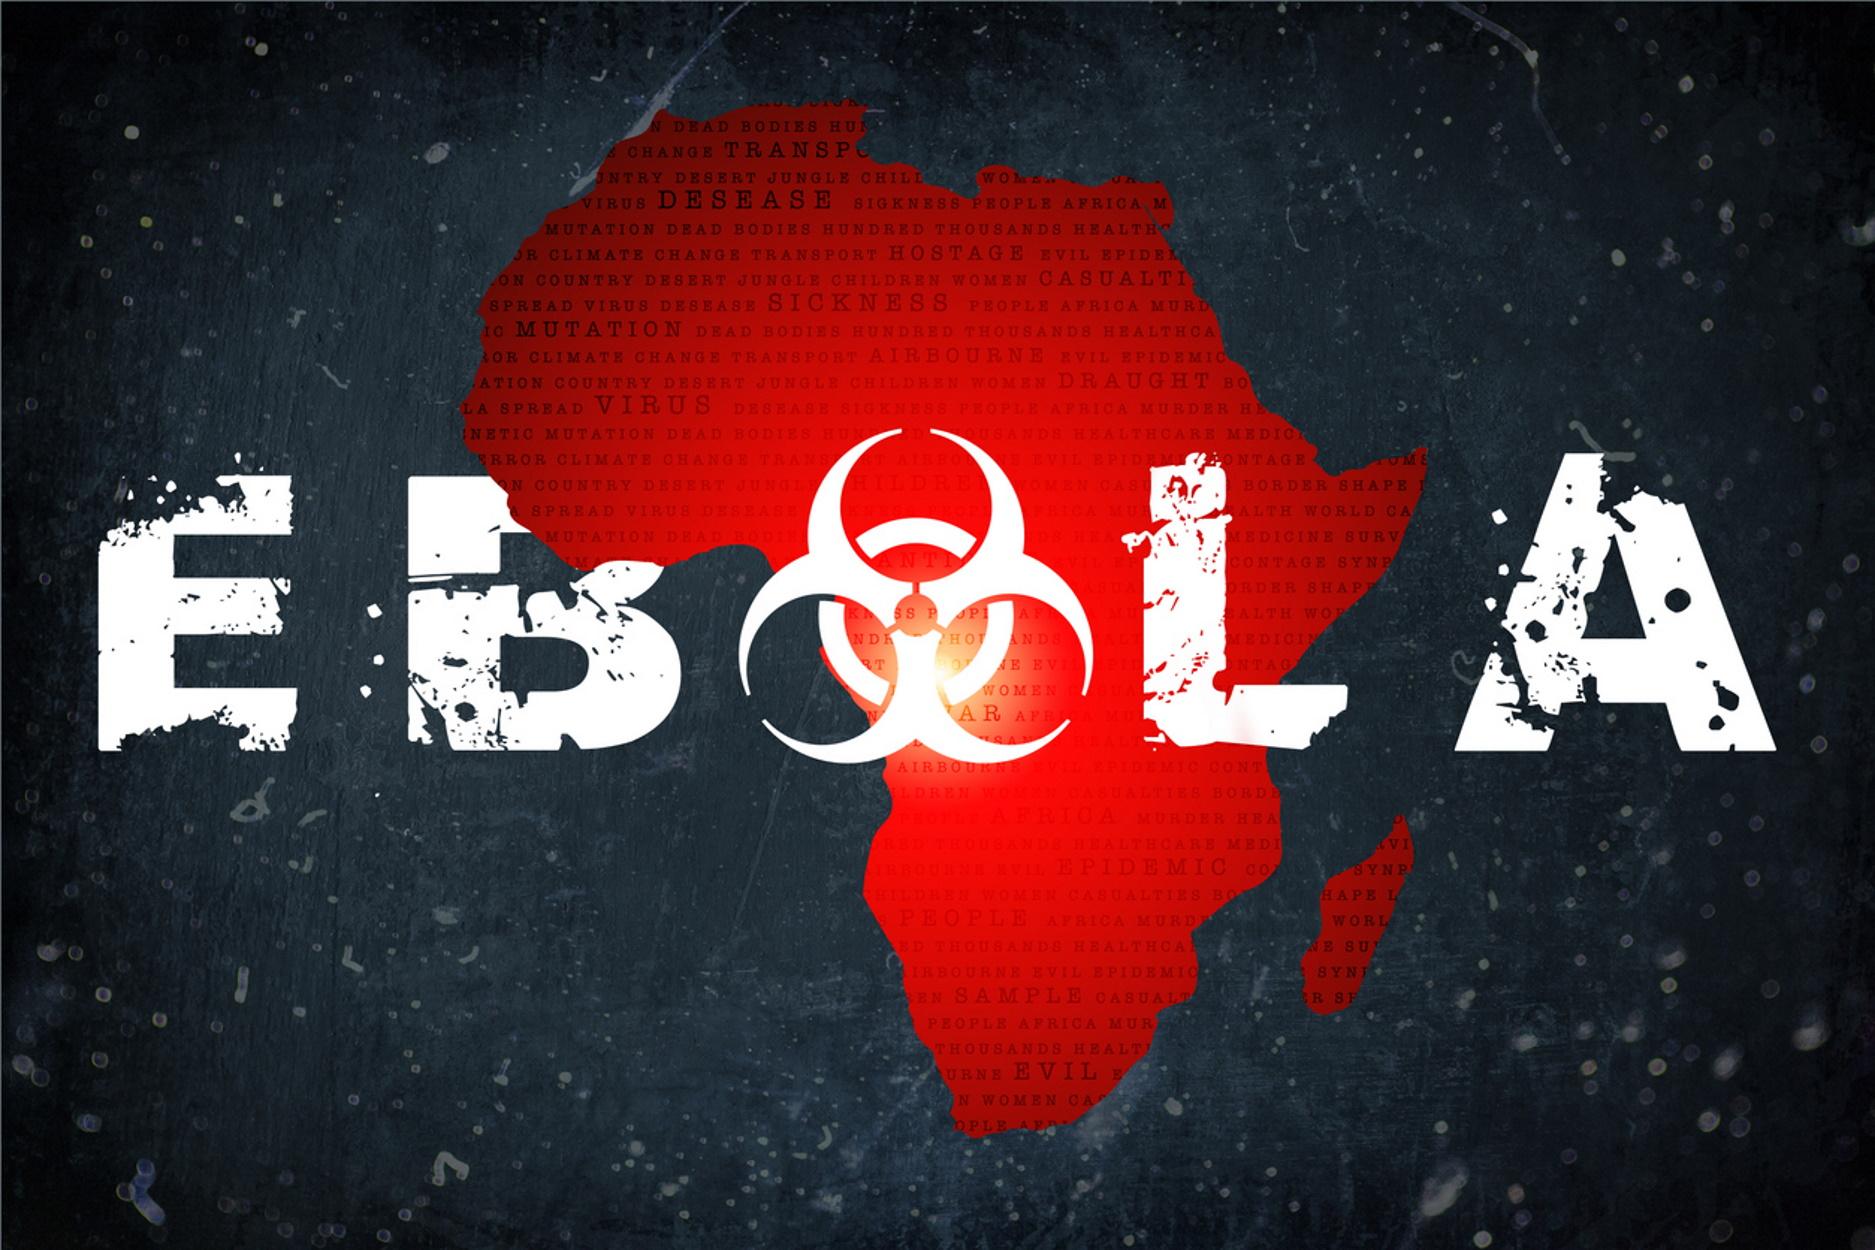 Ο Έμπολα ξαναχτυπά στο Κονγκό: Δυο οι θάνατοι